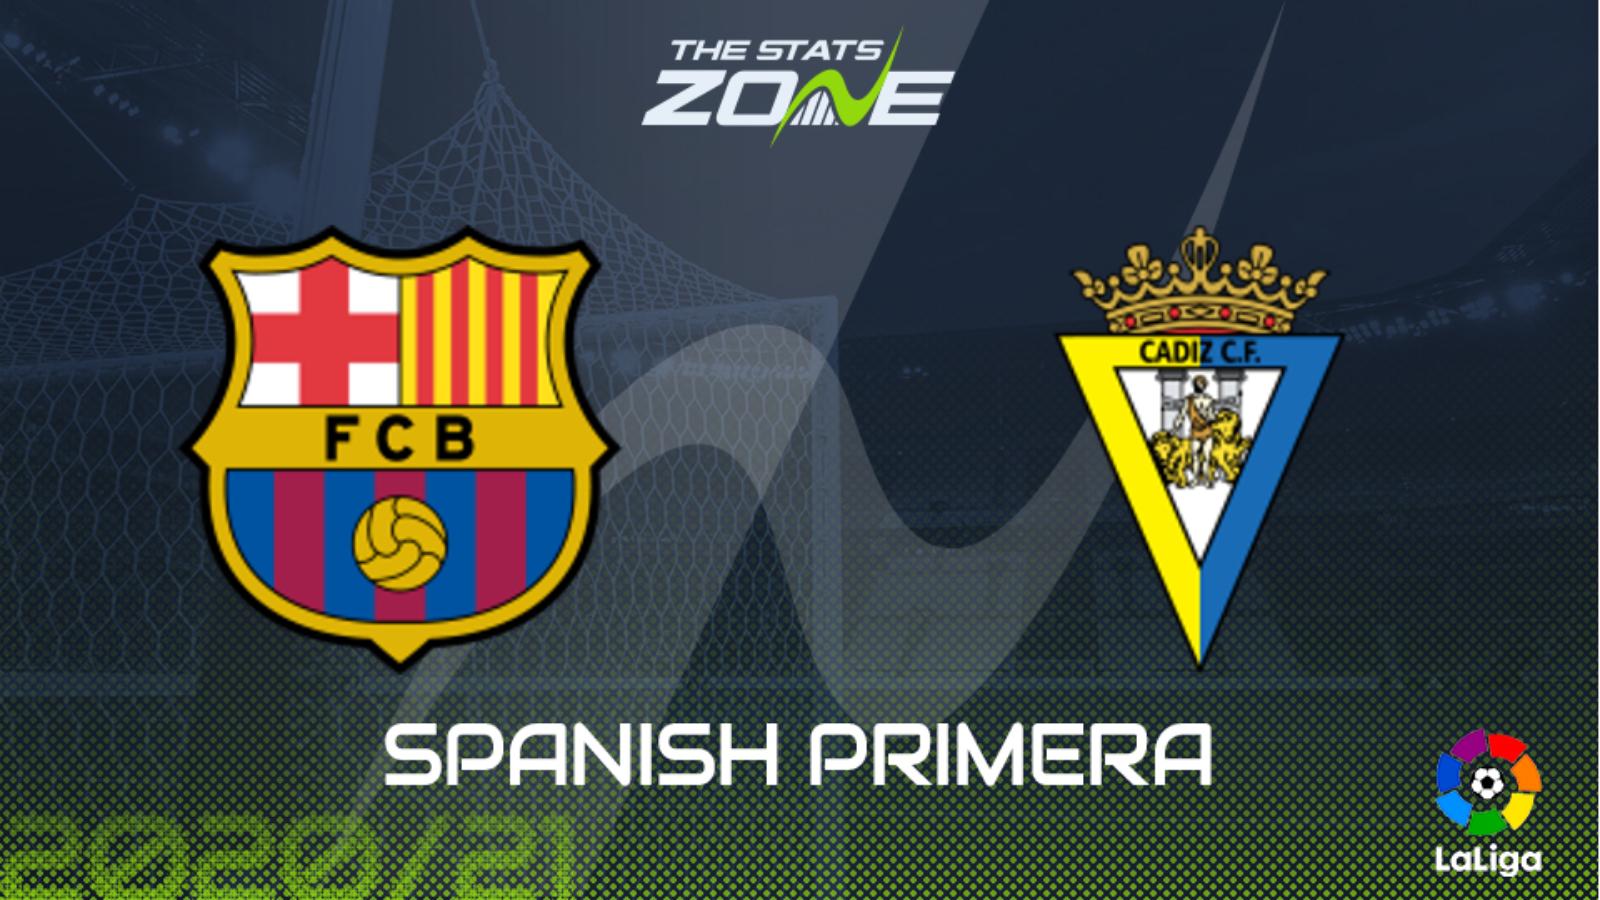 2020-21 Spanish Primera – Barcelona vs Cadiz Preview & Prediction - The  Stats Zone